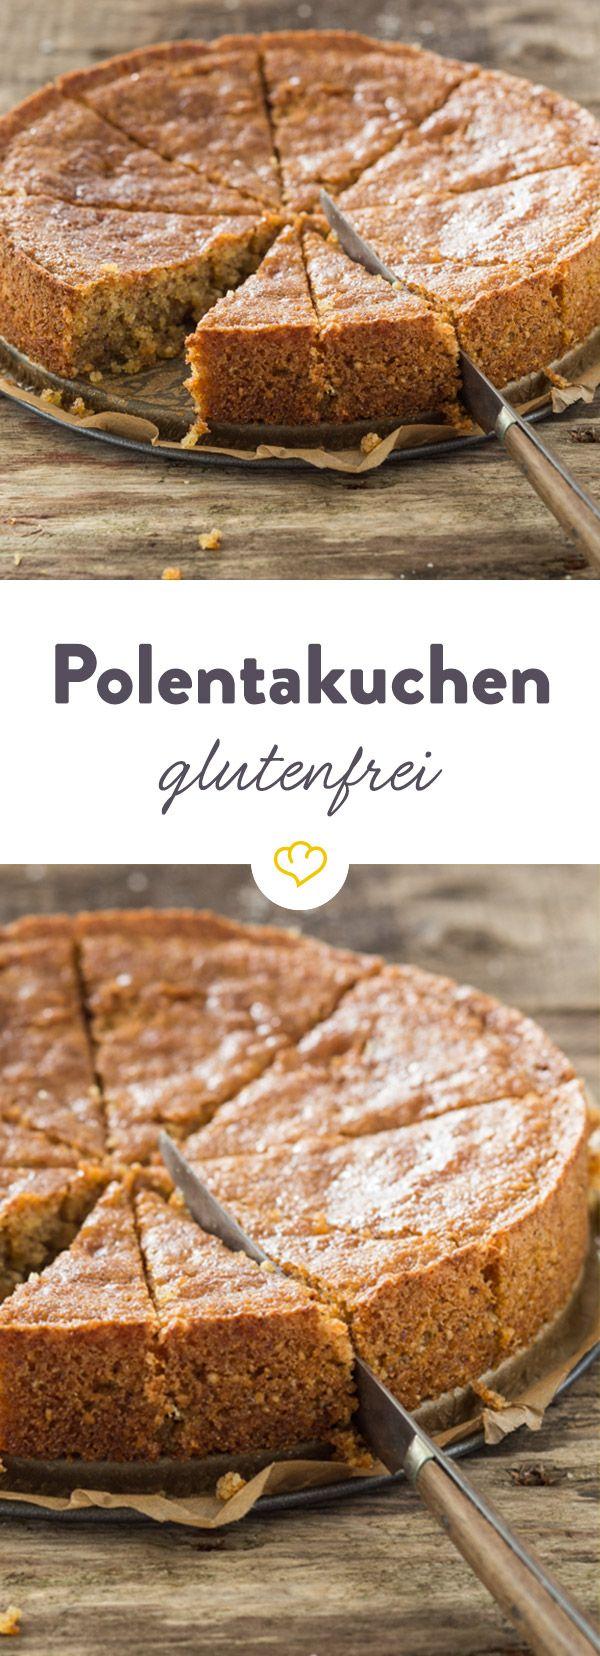 Glutenfreier Polentakuchen